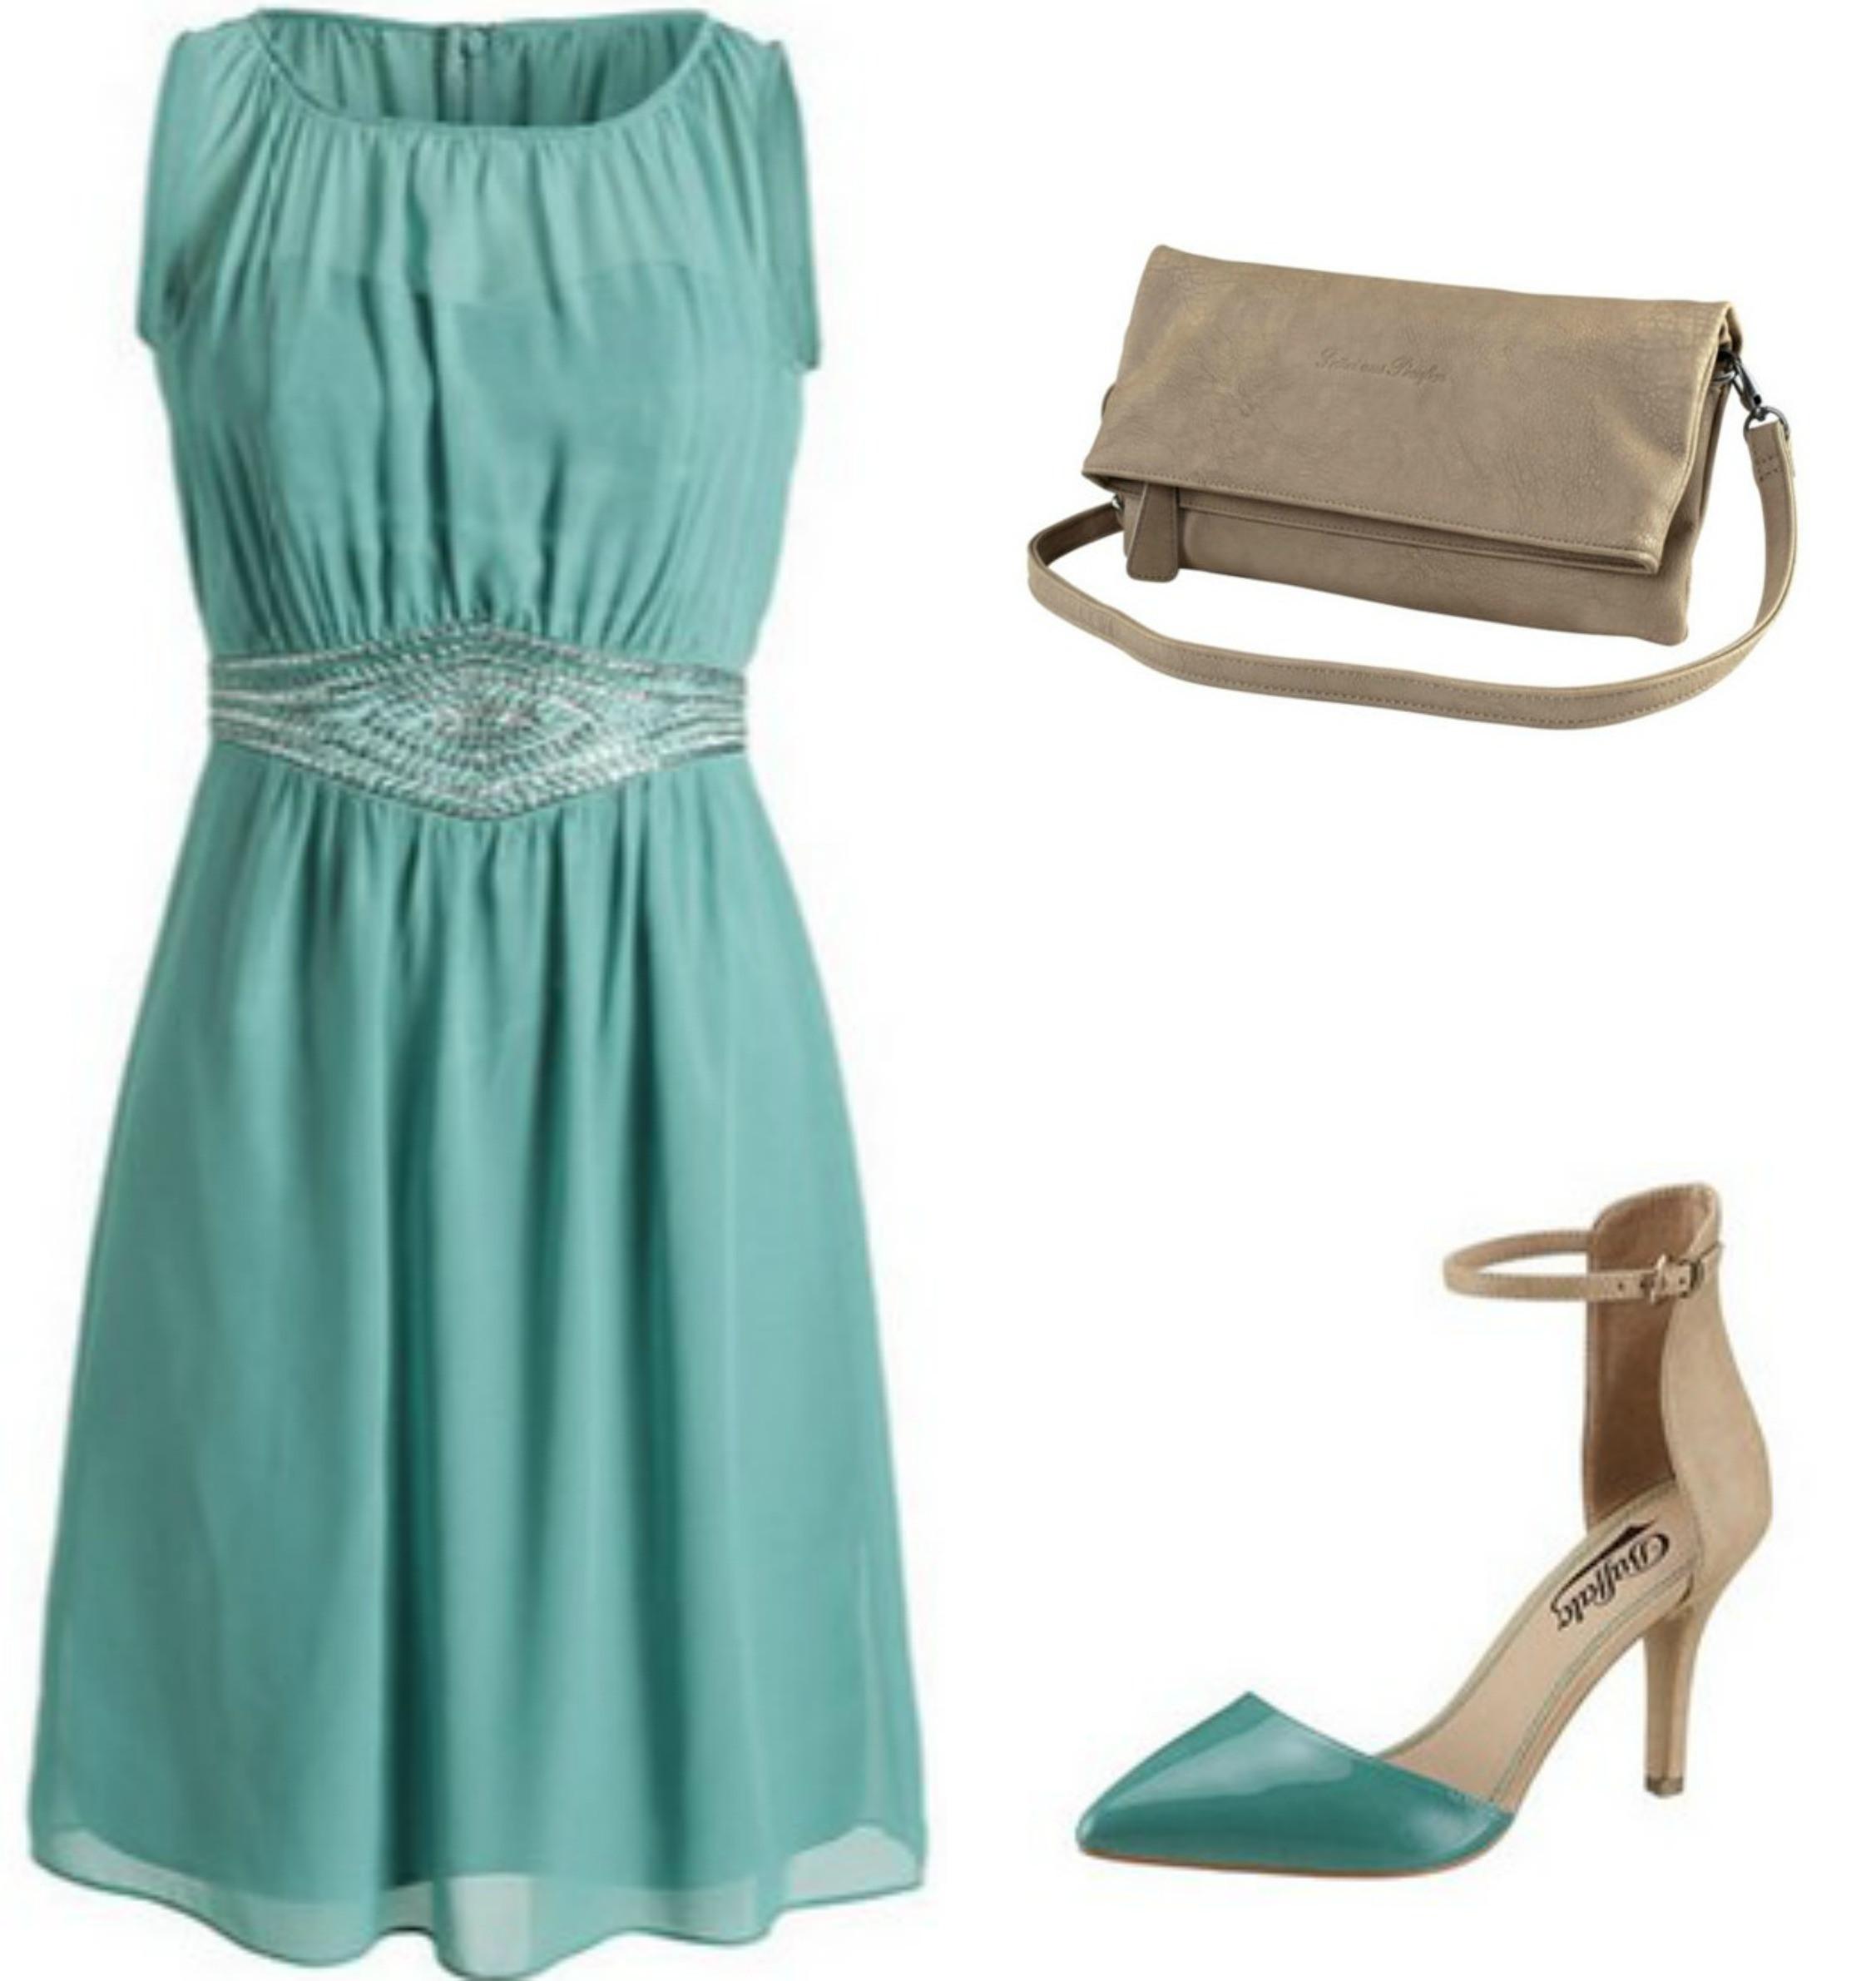 Fantastisch Kleid Türkis Hochzeit Galerie - Abendkleid